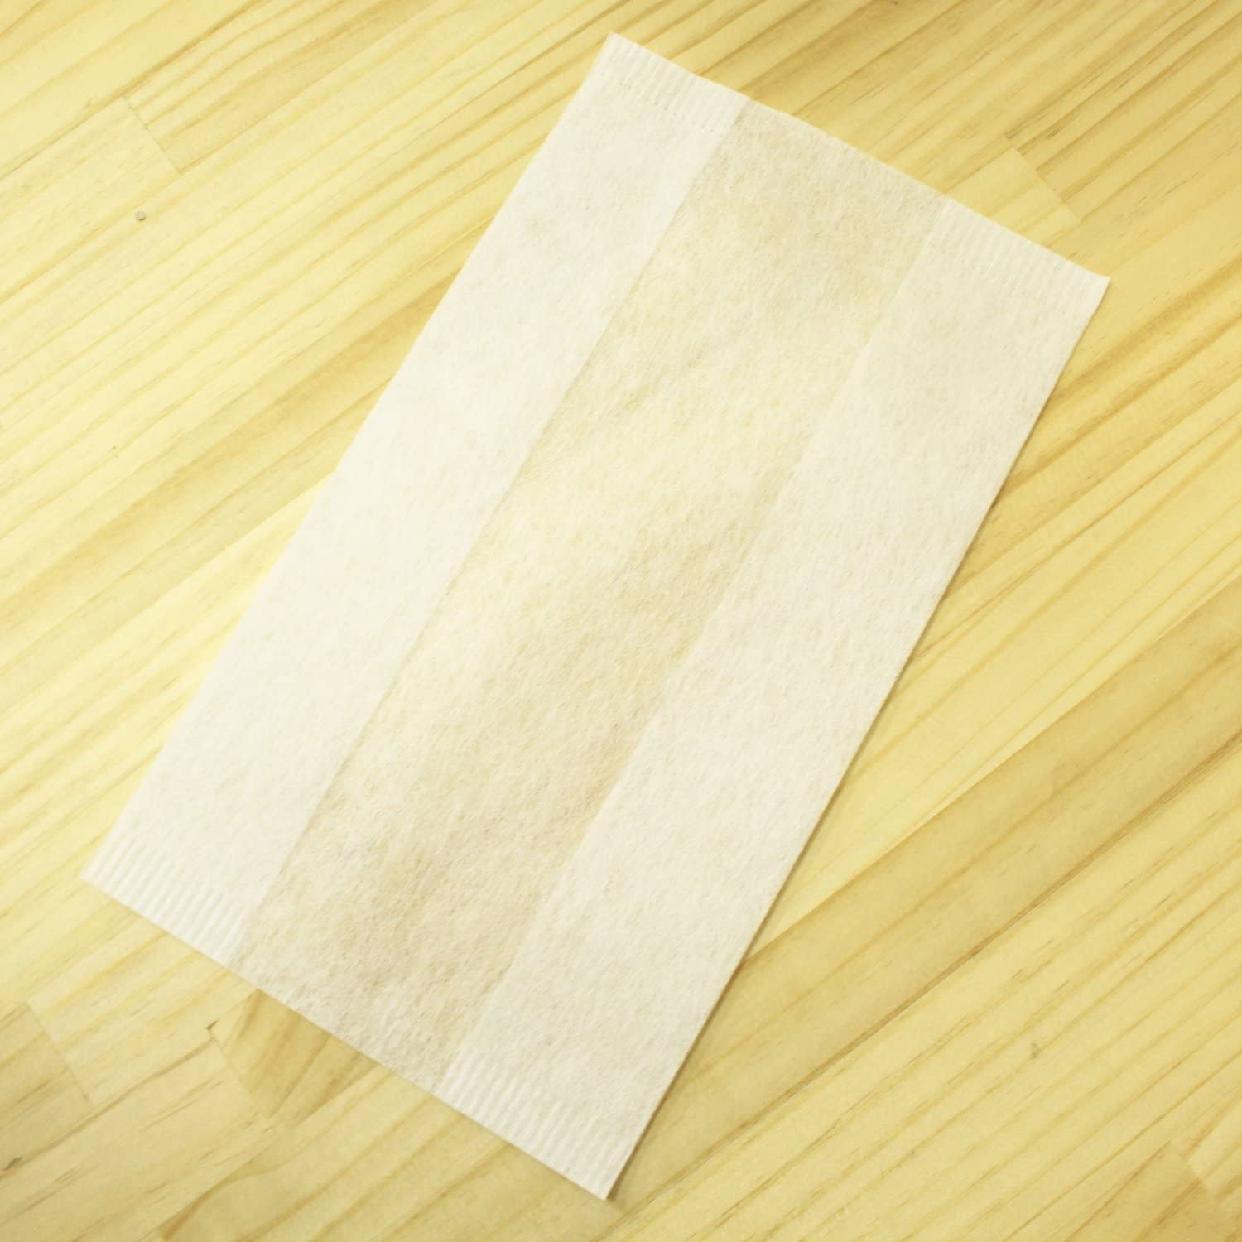 金星製紙 水切り ゴミ袋 三角コーナーいらず 自立型 40枚入りの商品画像2